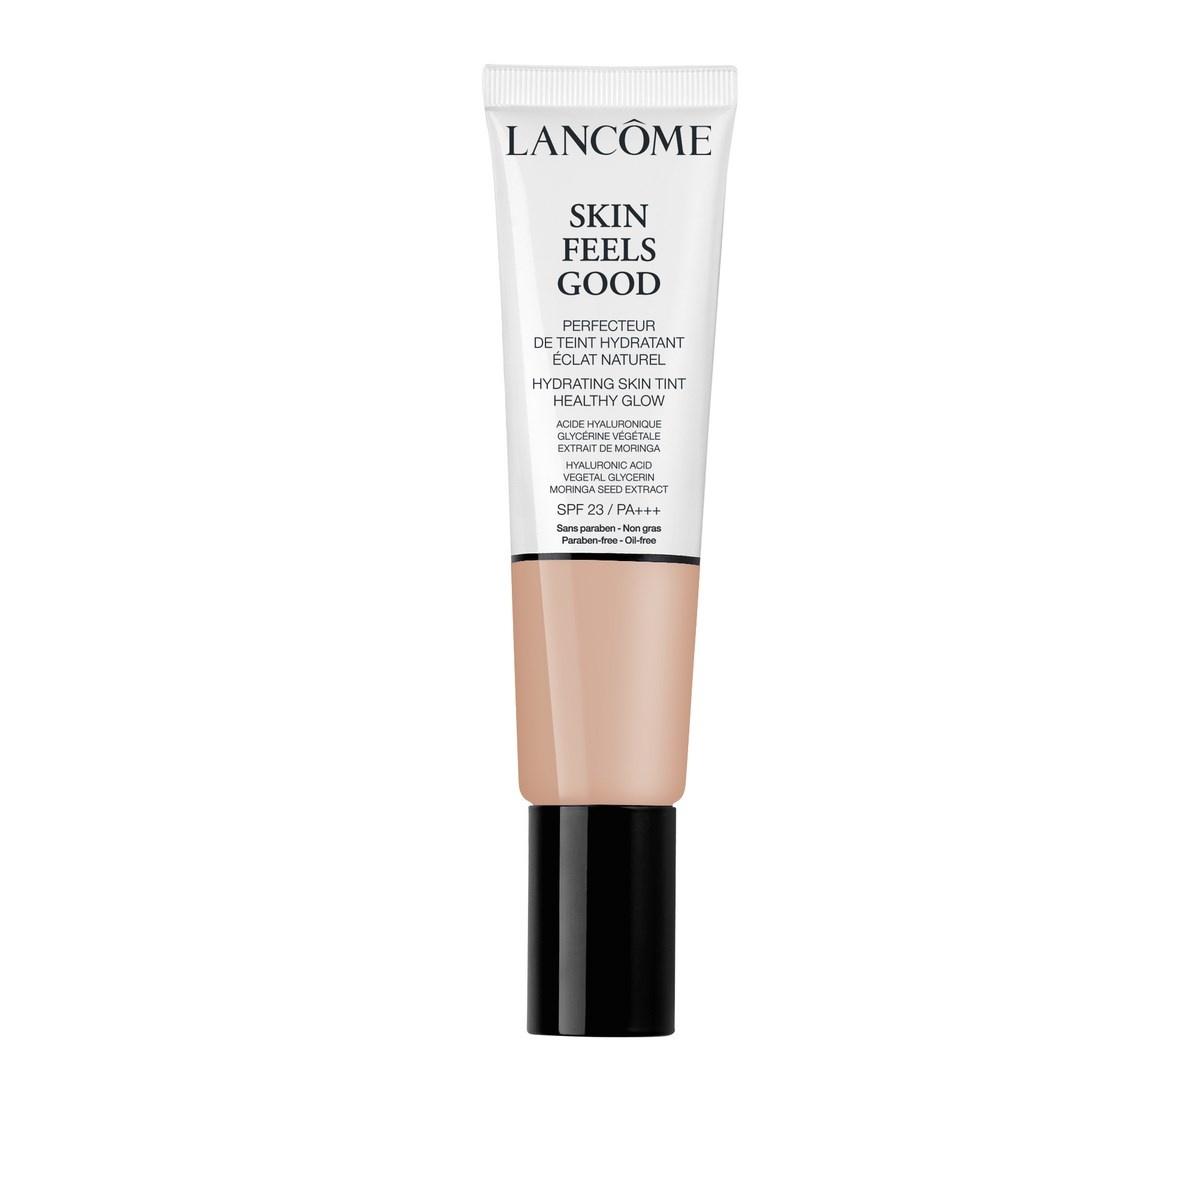 Lancôme Skin Feels Good Foundation, soft beige